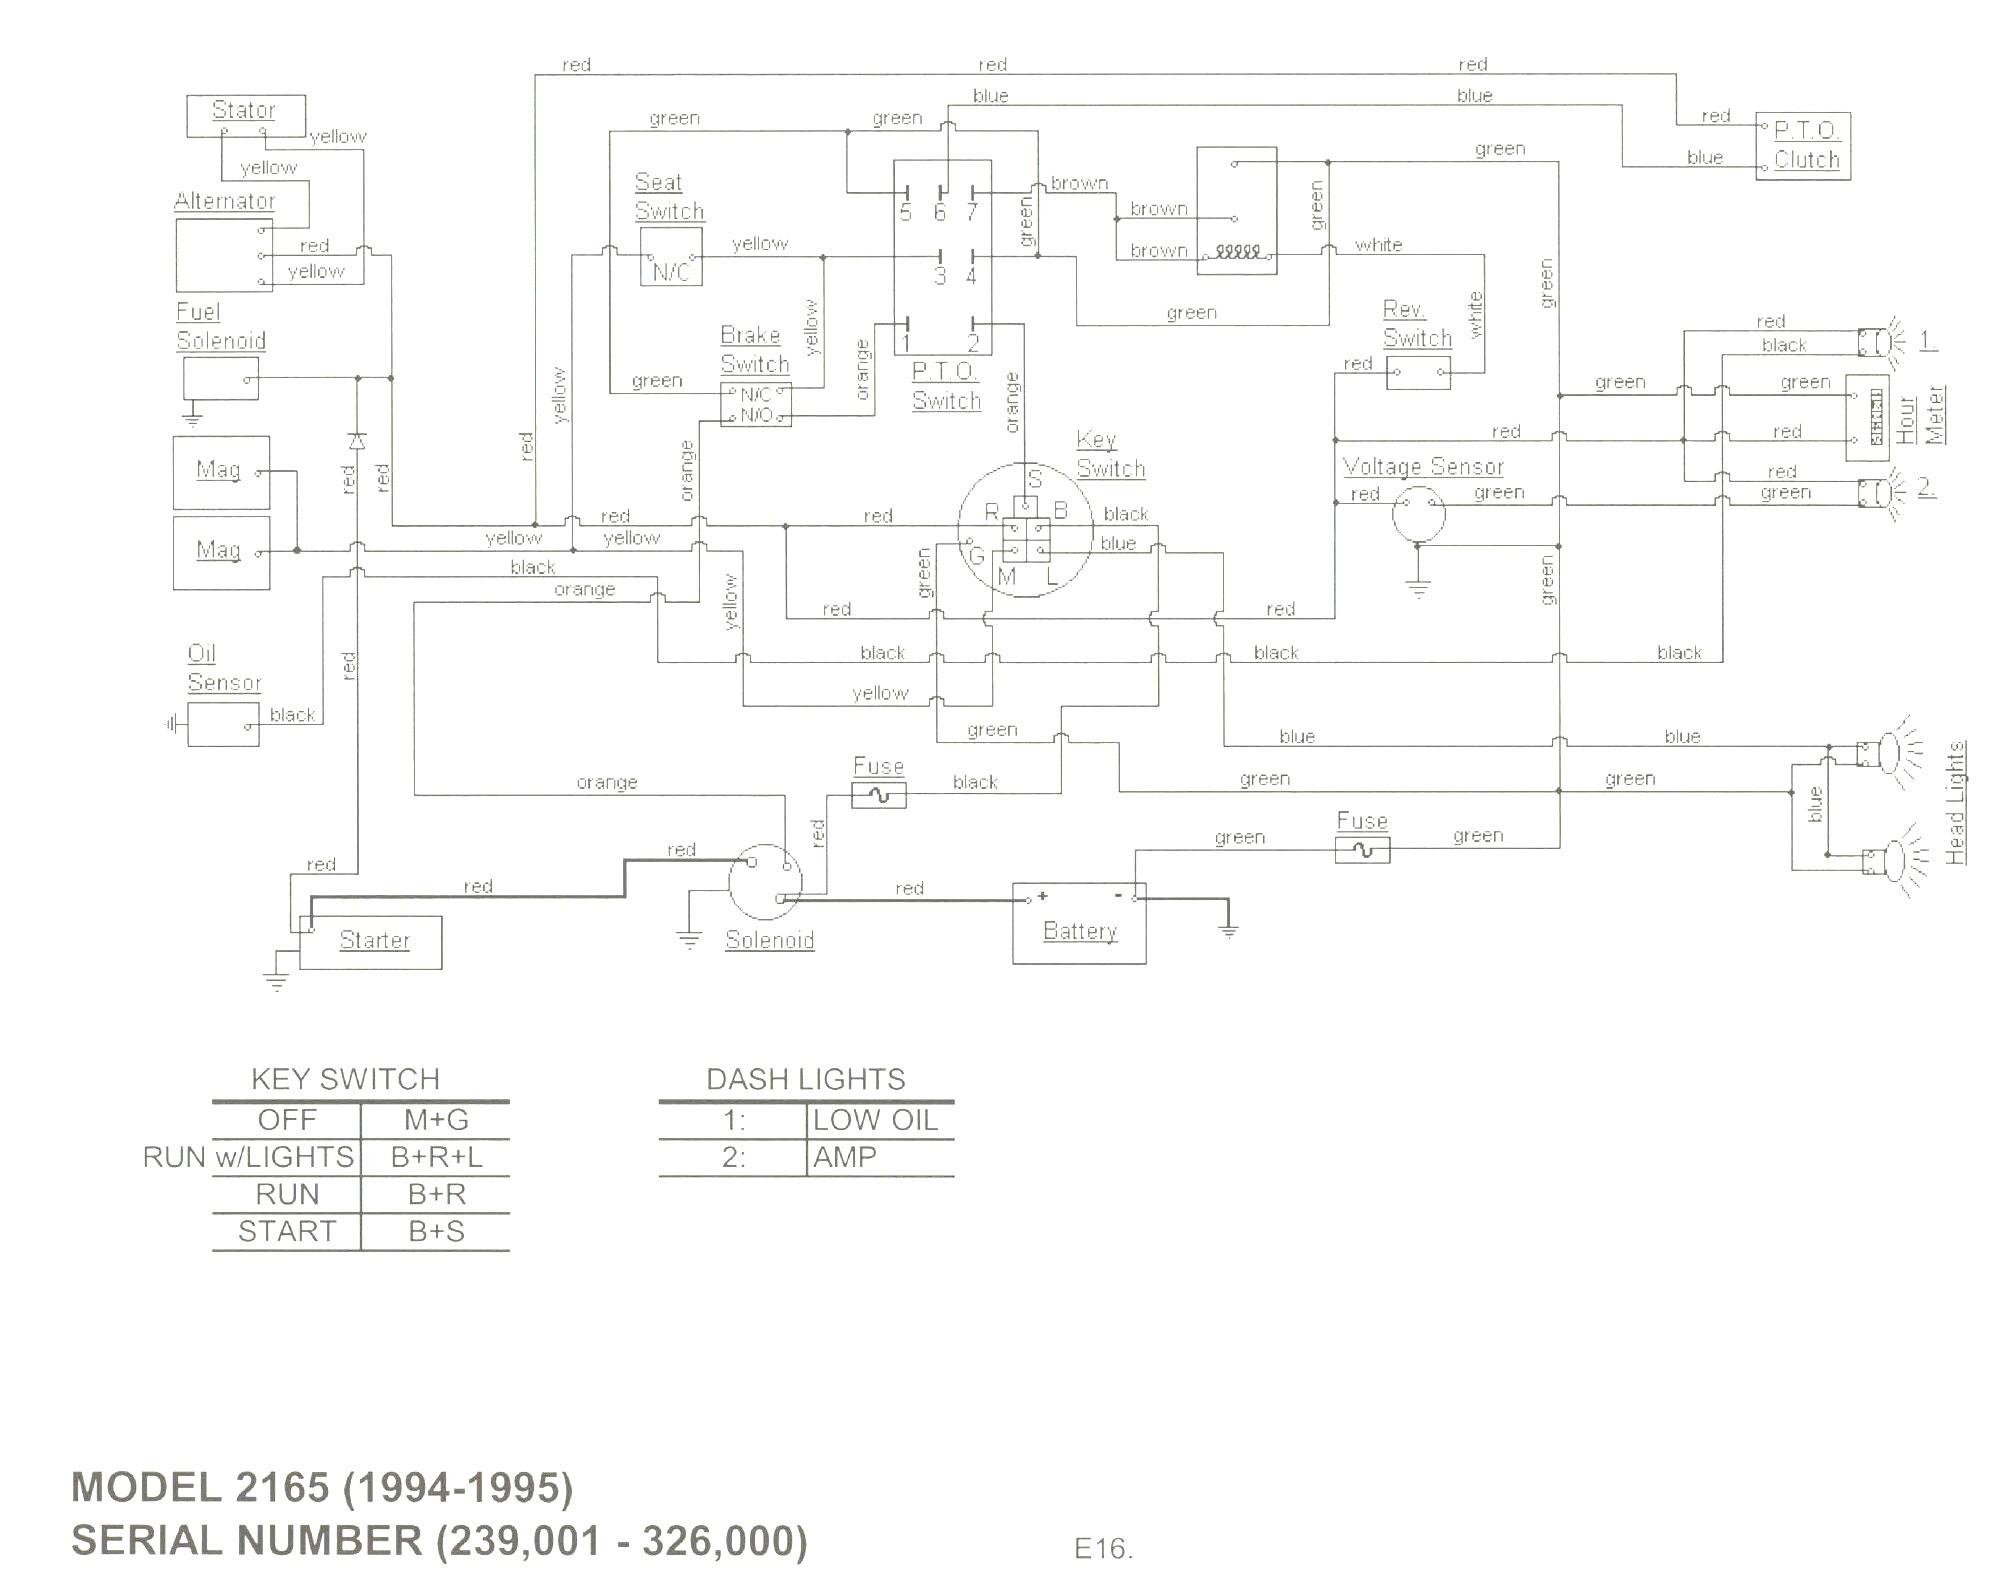 hight resolution of 2186 cub cadet wiring diagram wire center u2022 wiring diagram for cub cadet 2182 at